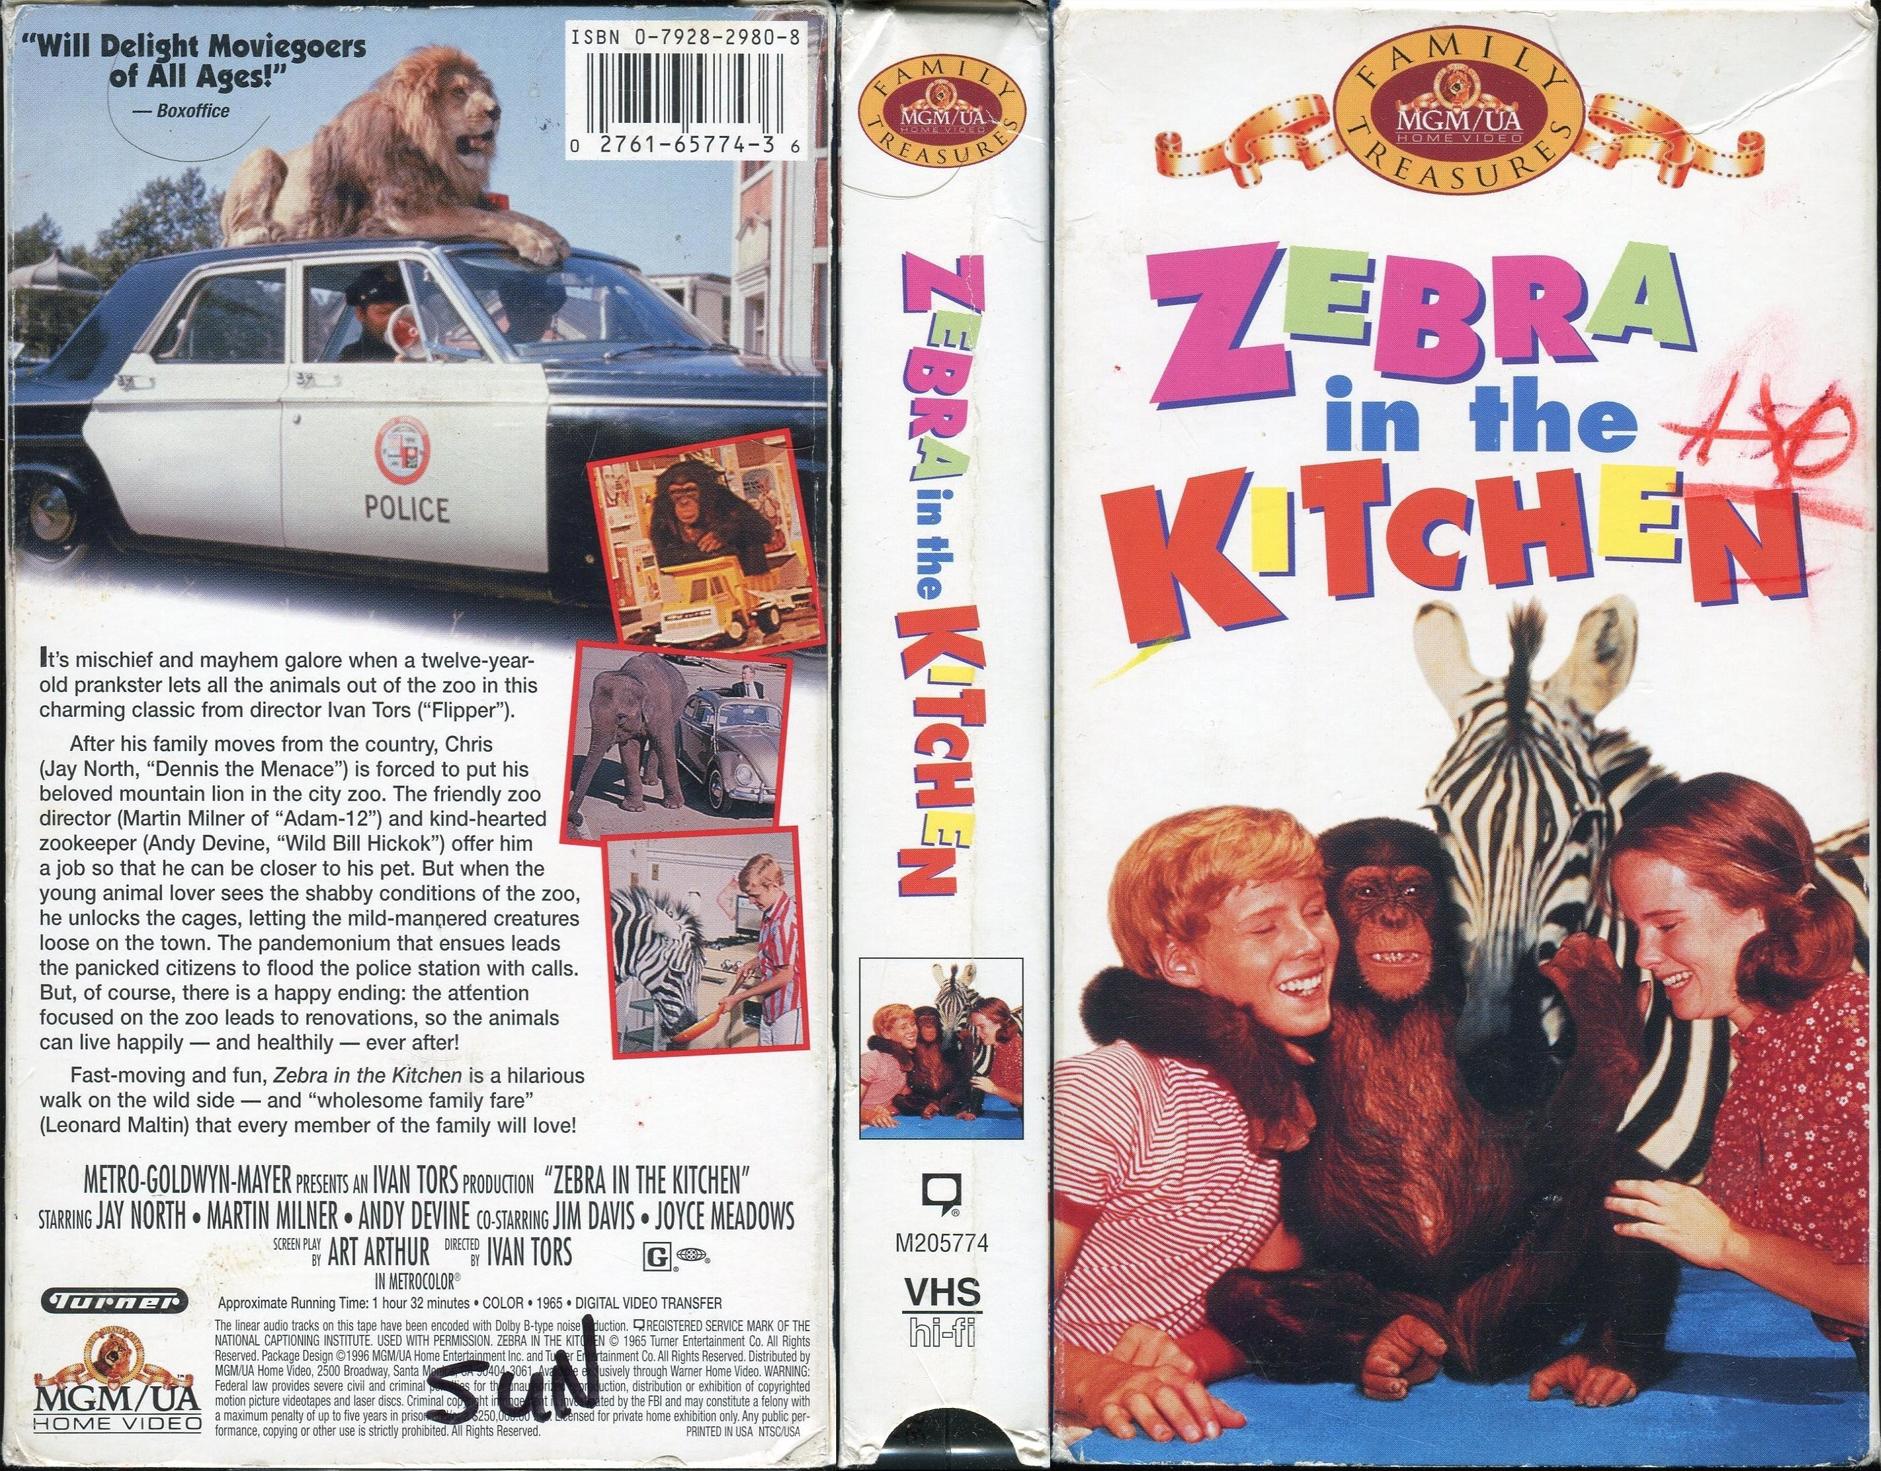 Zebra in the Kitchen movie